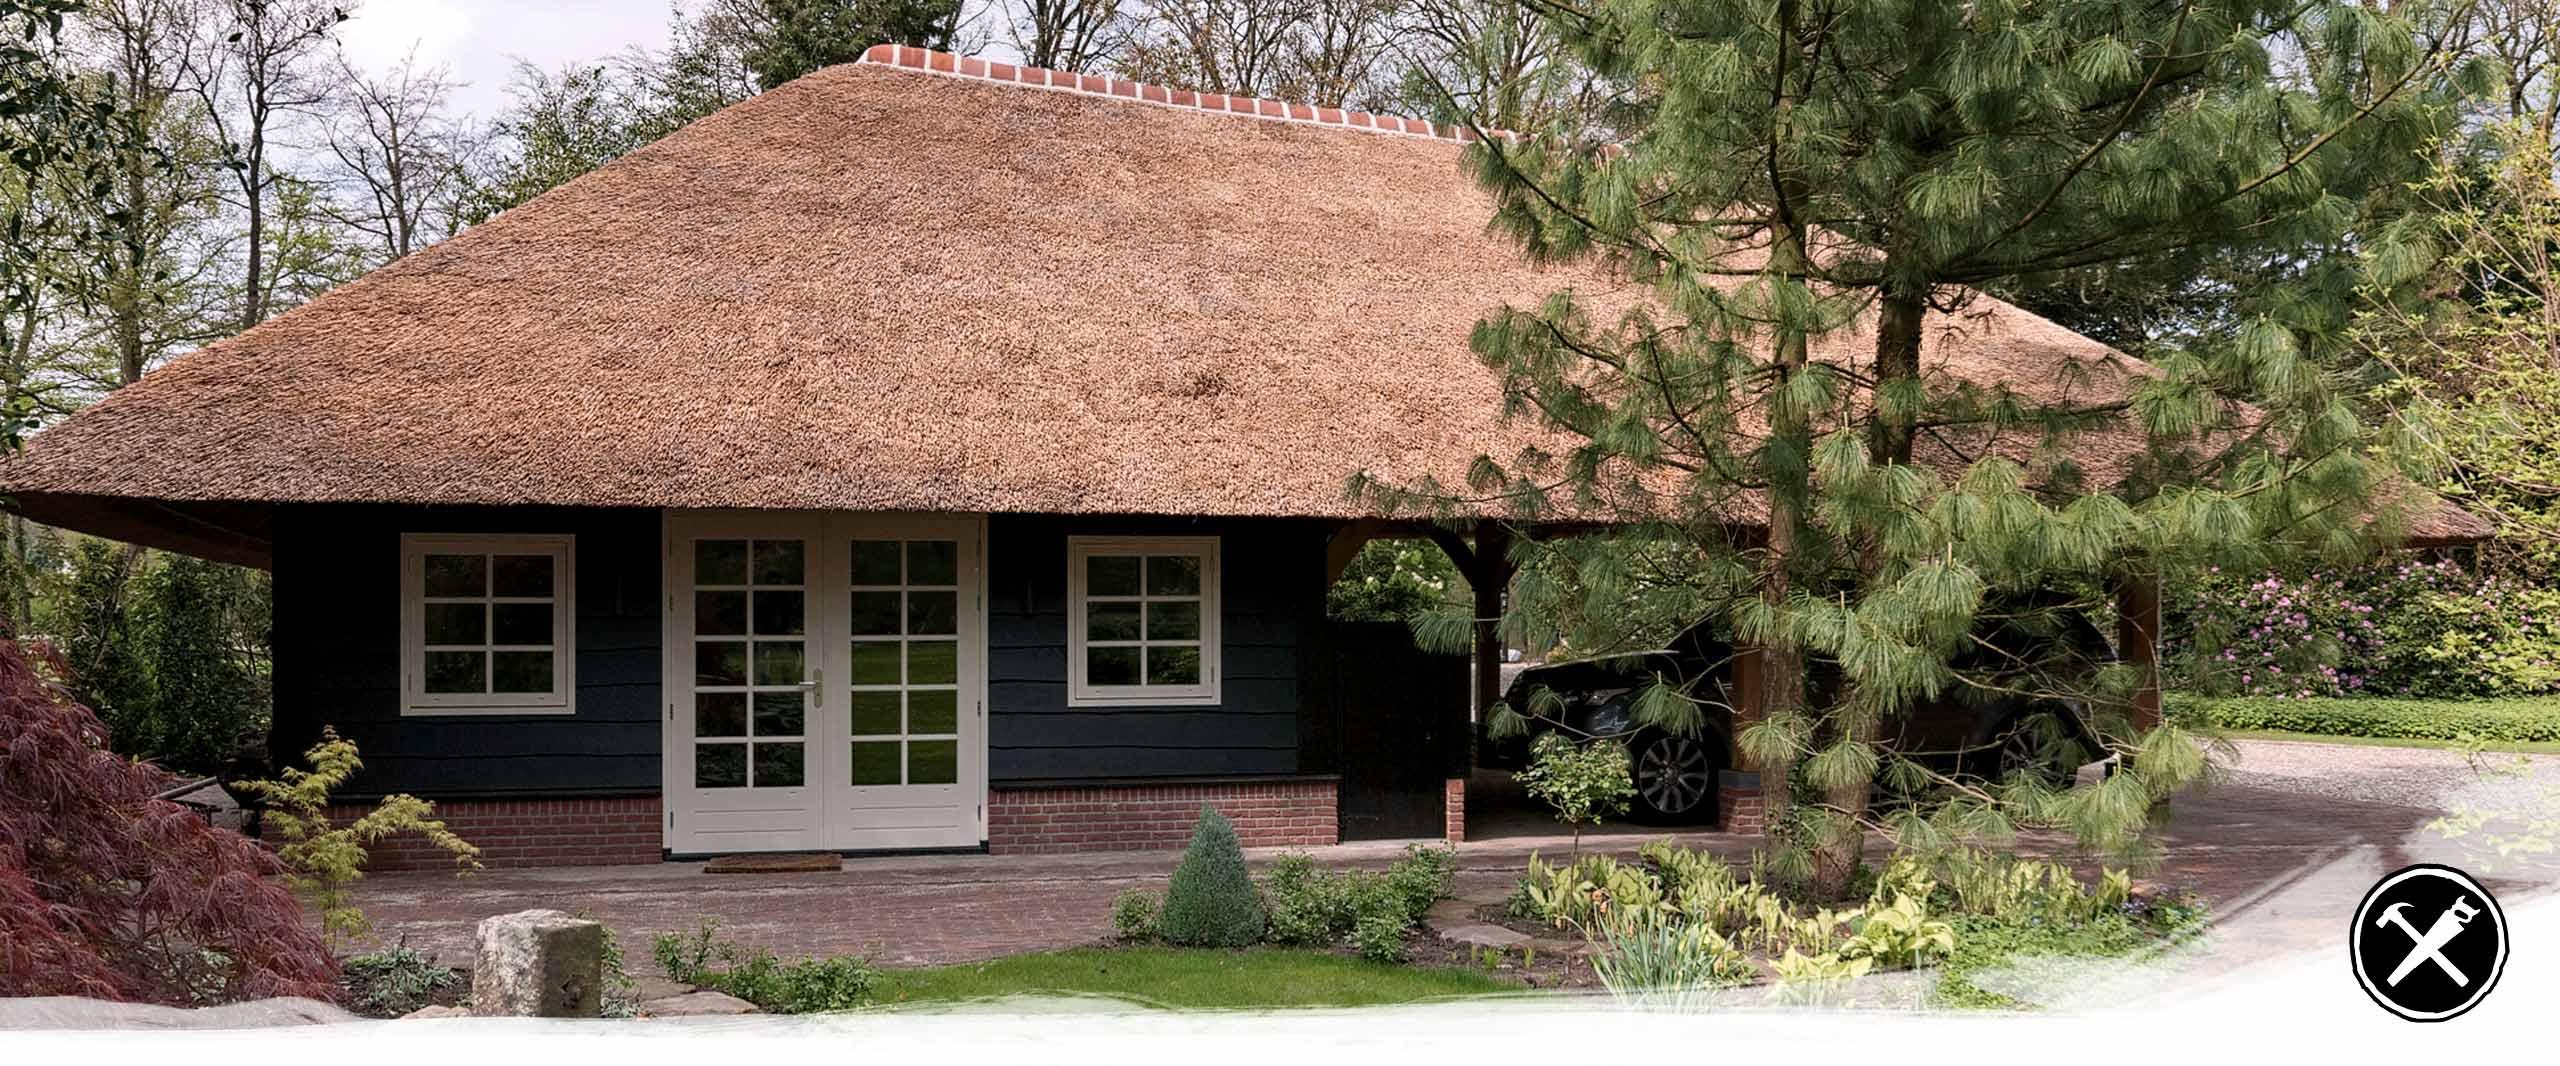 Tuinkamer met Carport en Garage in Enschede gerealiseerd door Henk Bennink Exclusieve Houtbouw